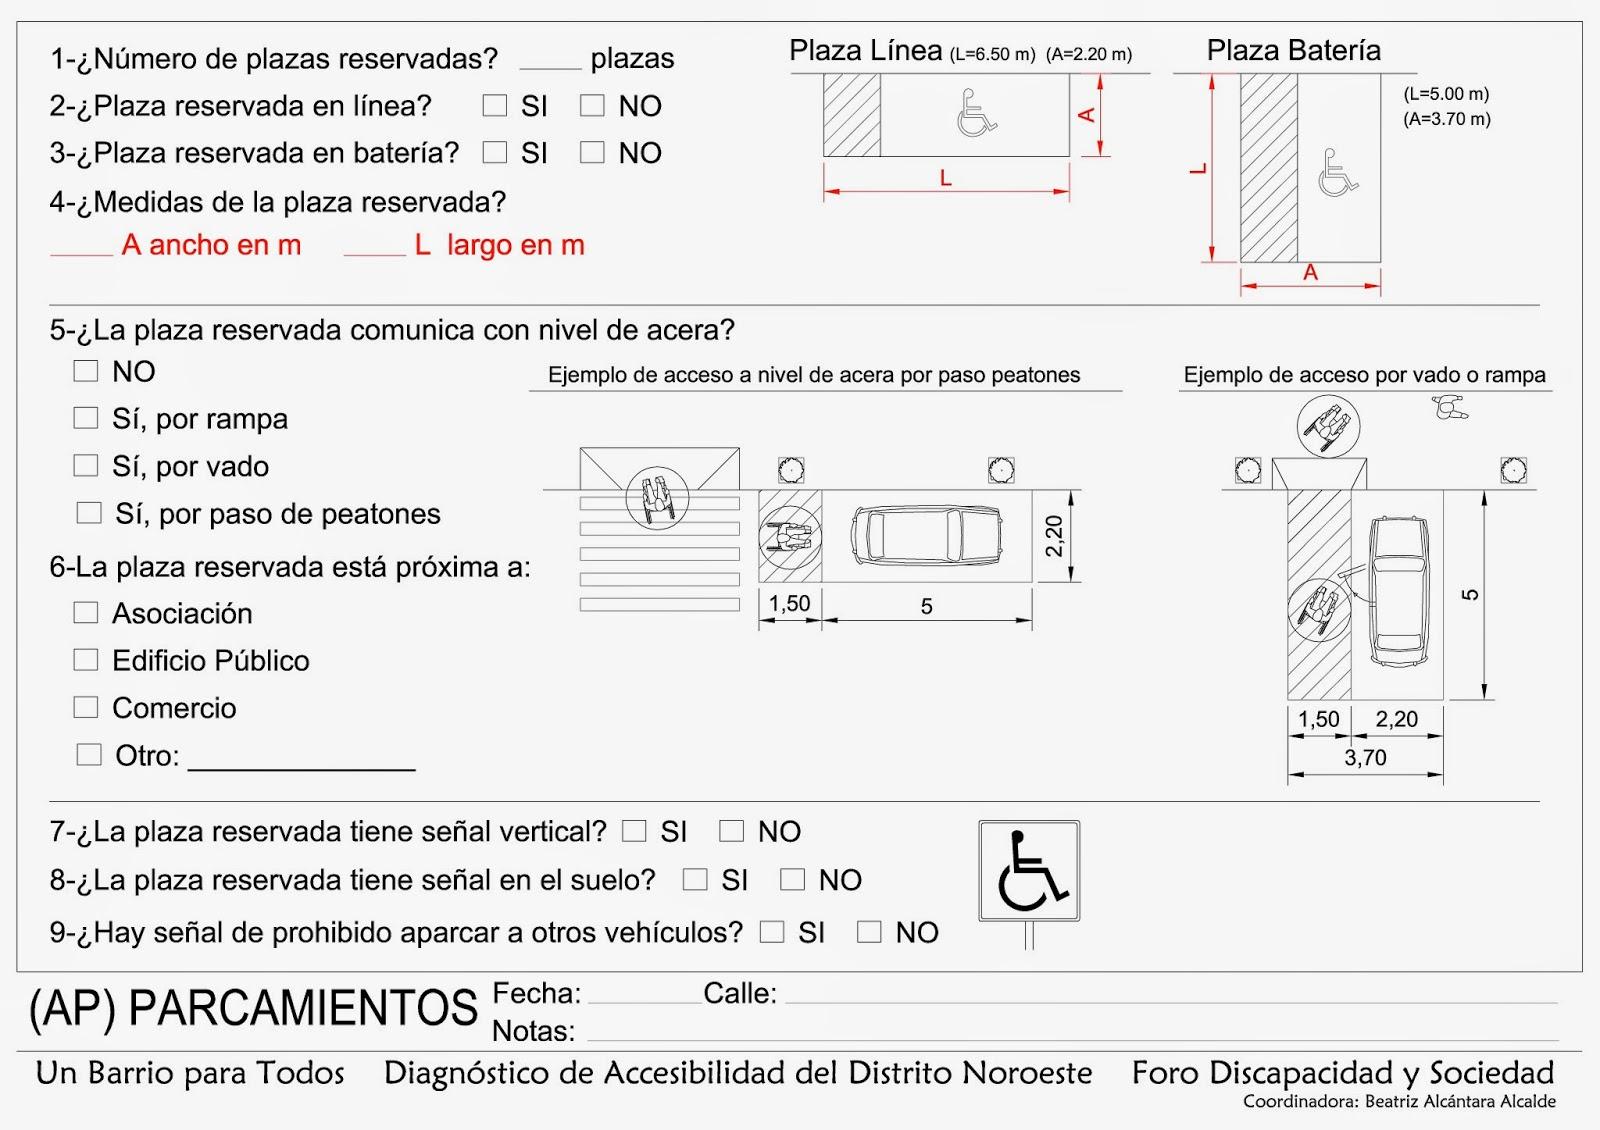 Cuestionario con croquis ilustrativos de las exigencias de la normativa para los aparcamientos accesibles.